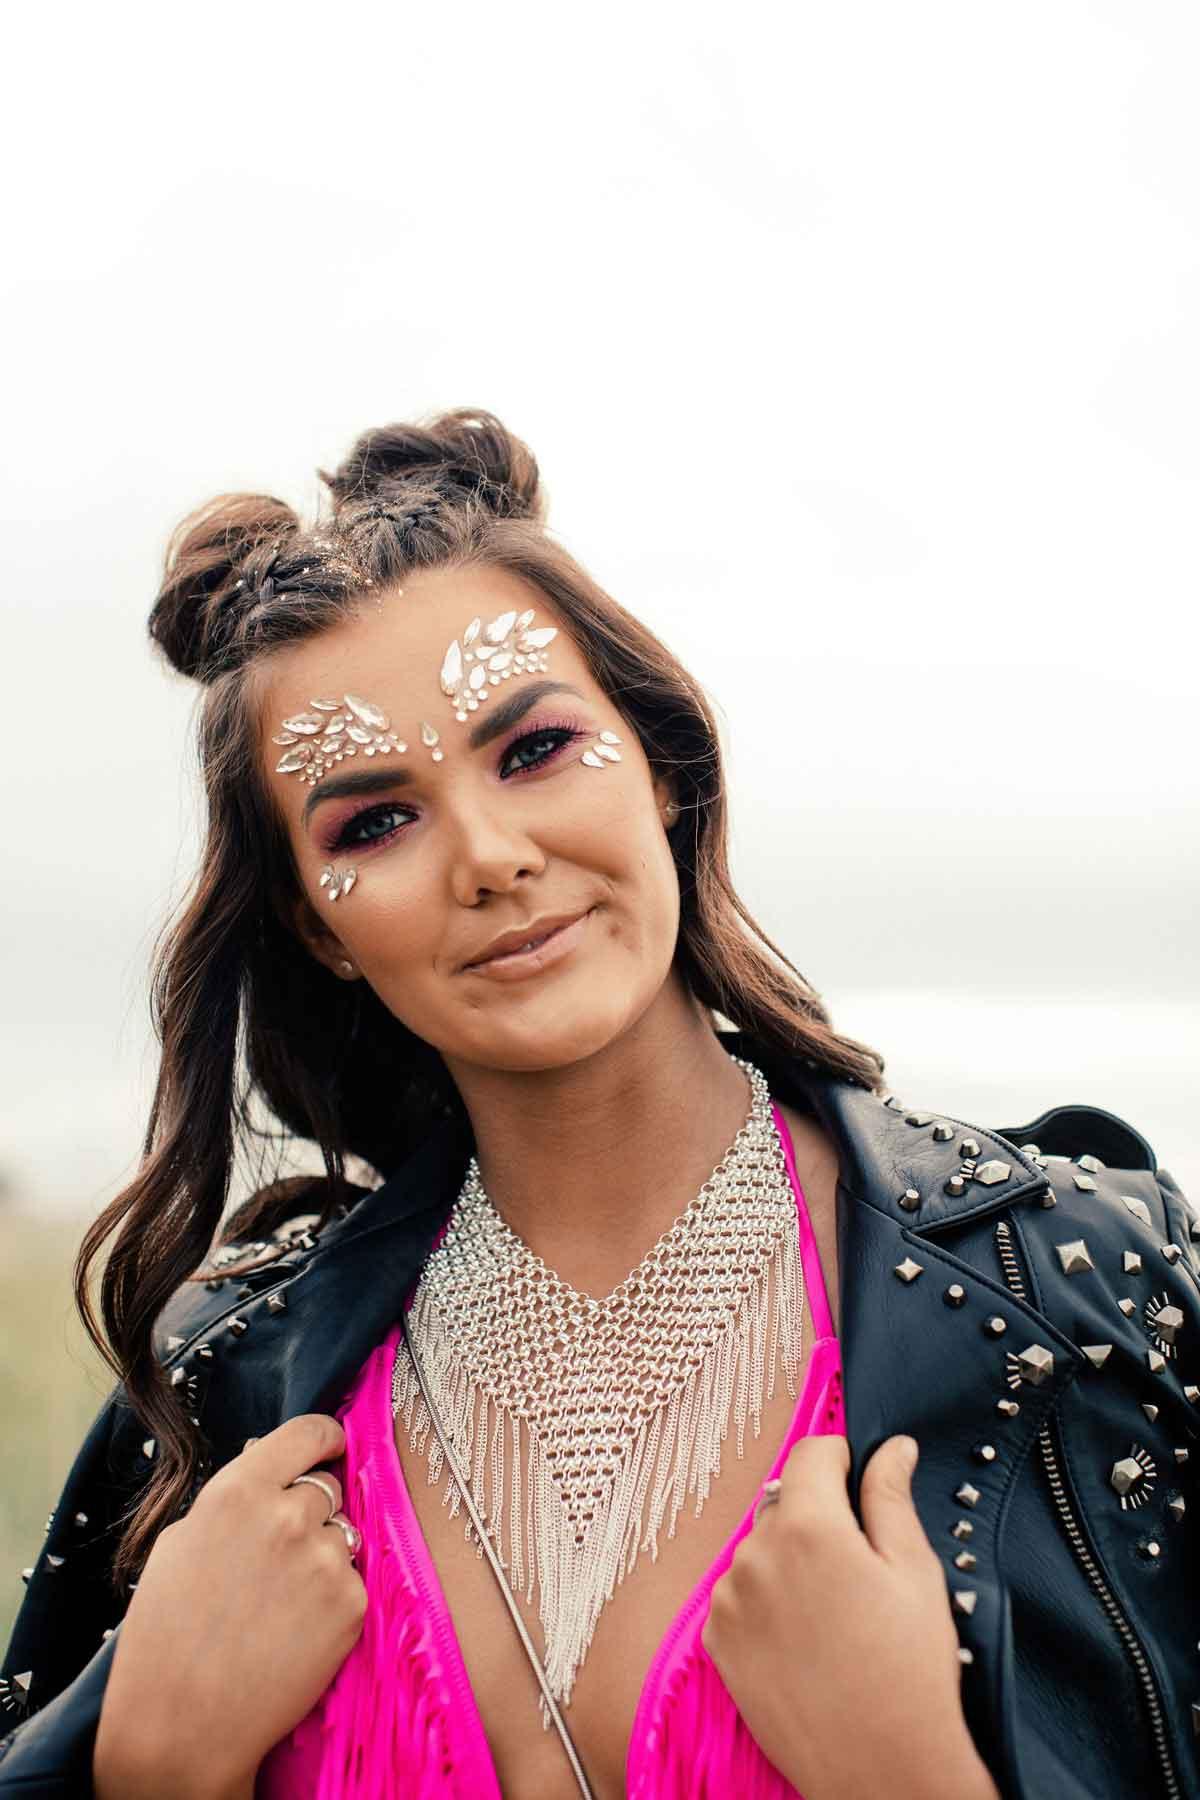 Chrystal Obrien makeup artist